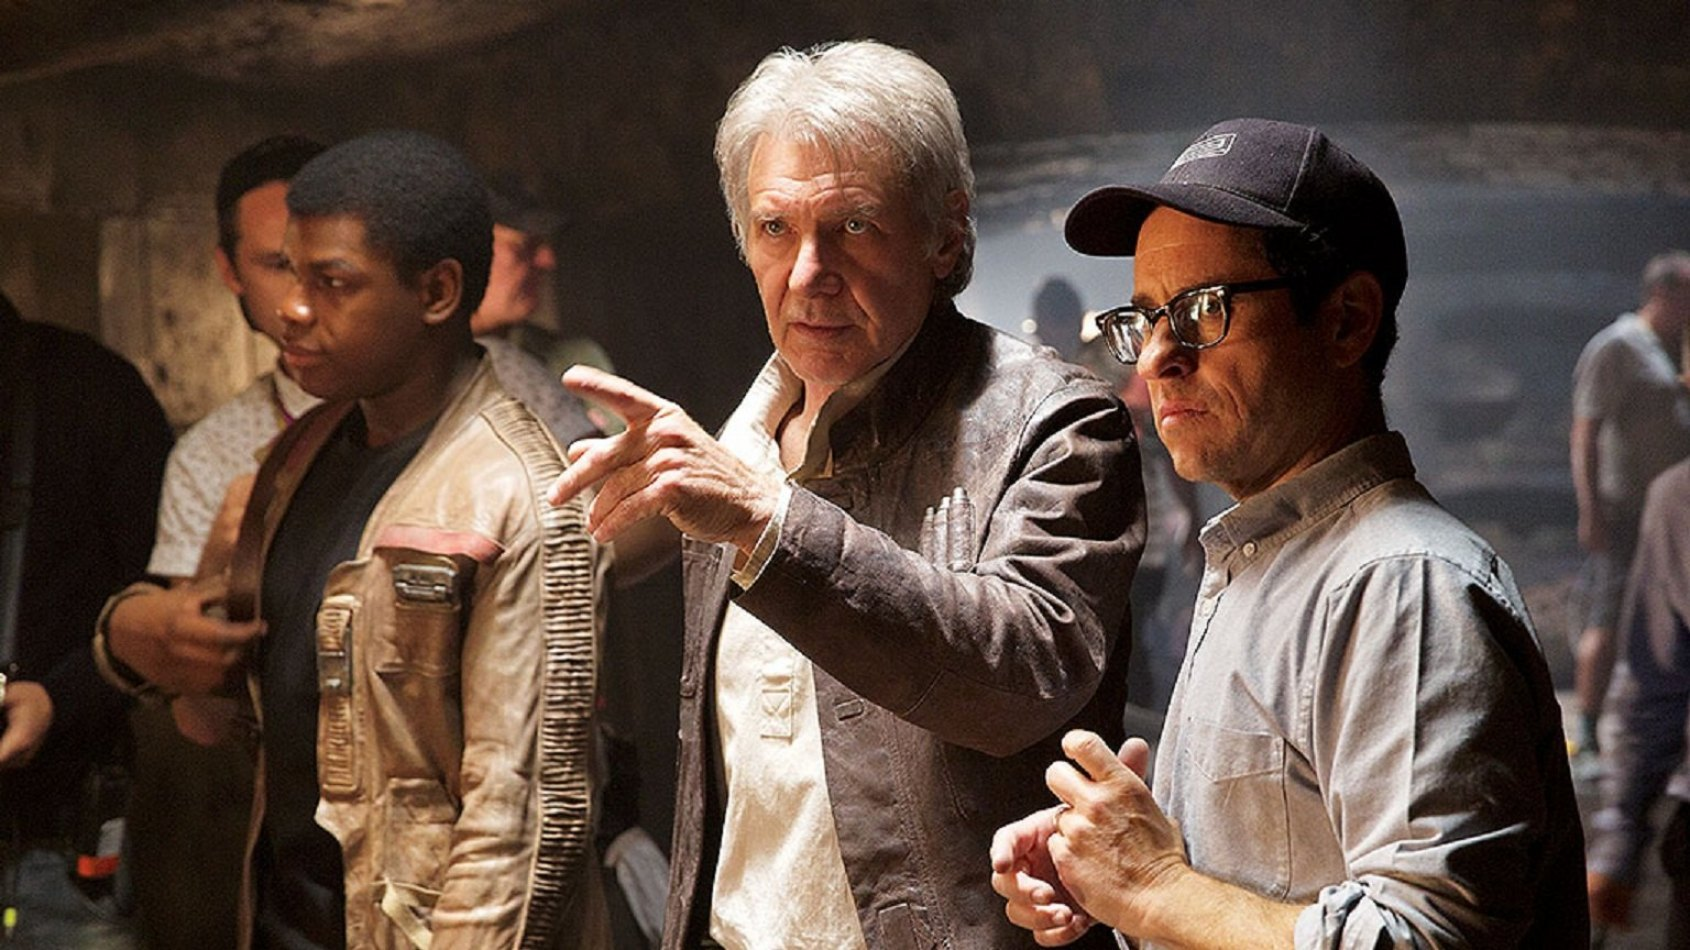 J.J. Abrams explique pourquoi il ne réalisera pas l'Episode VIII